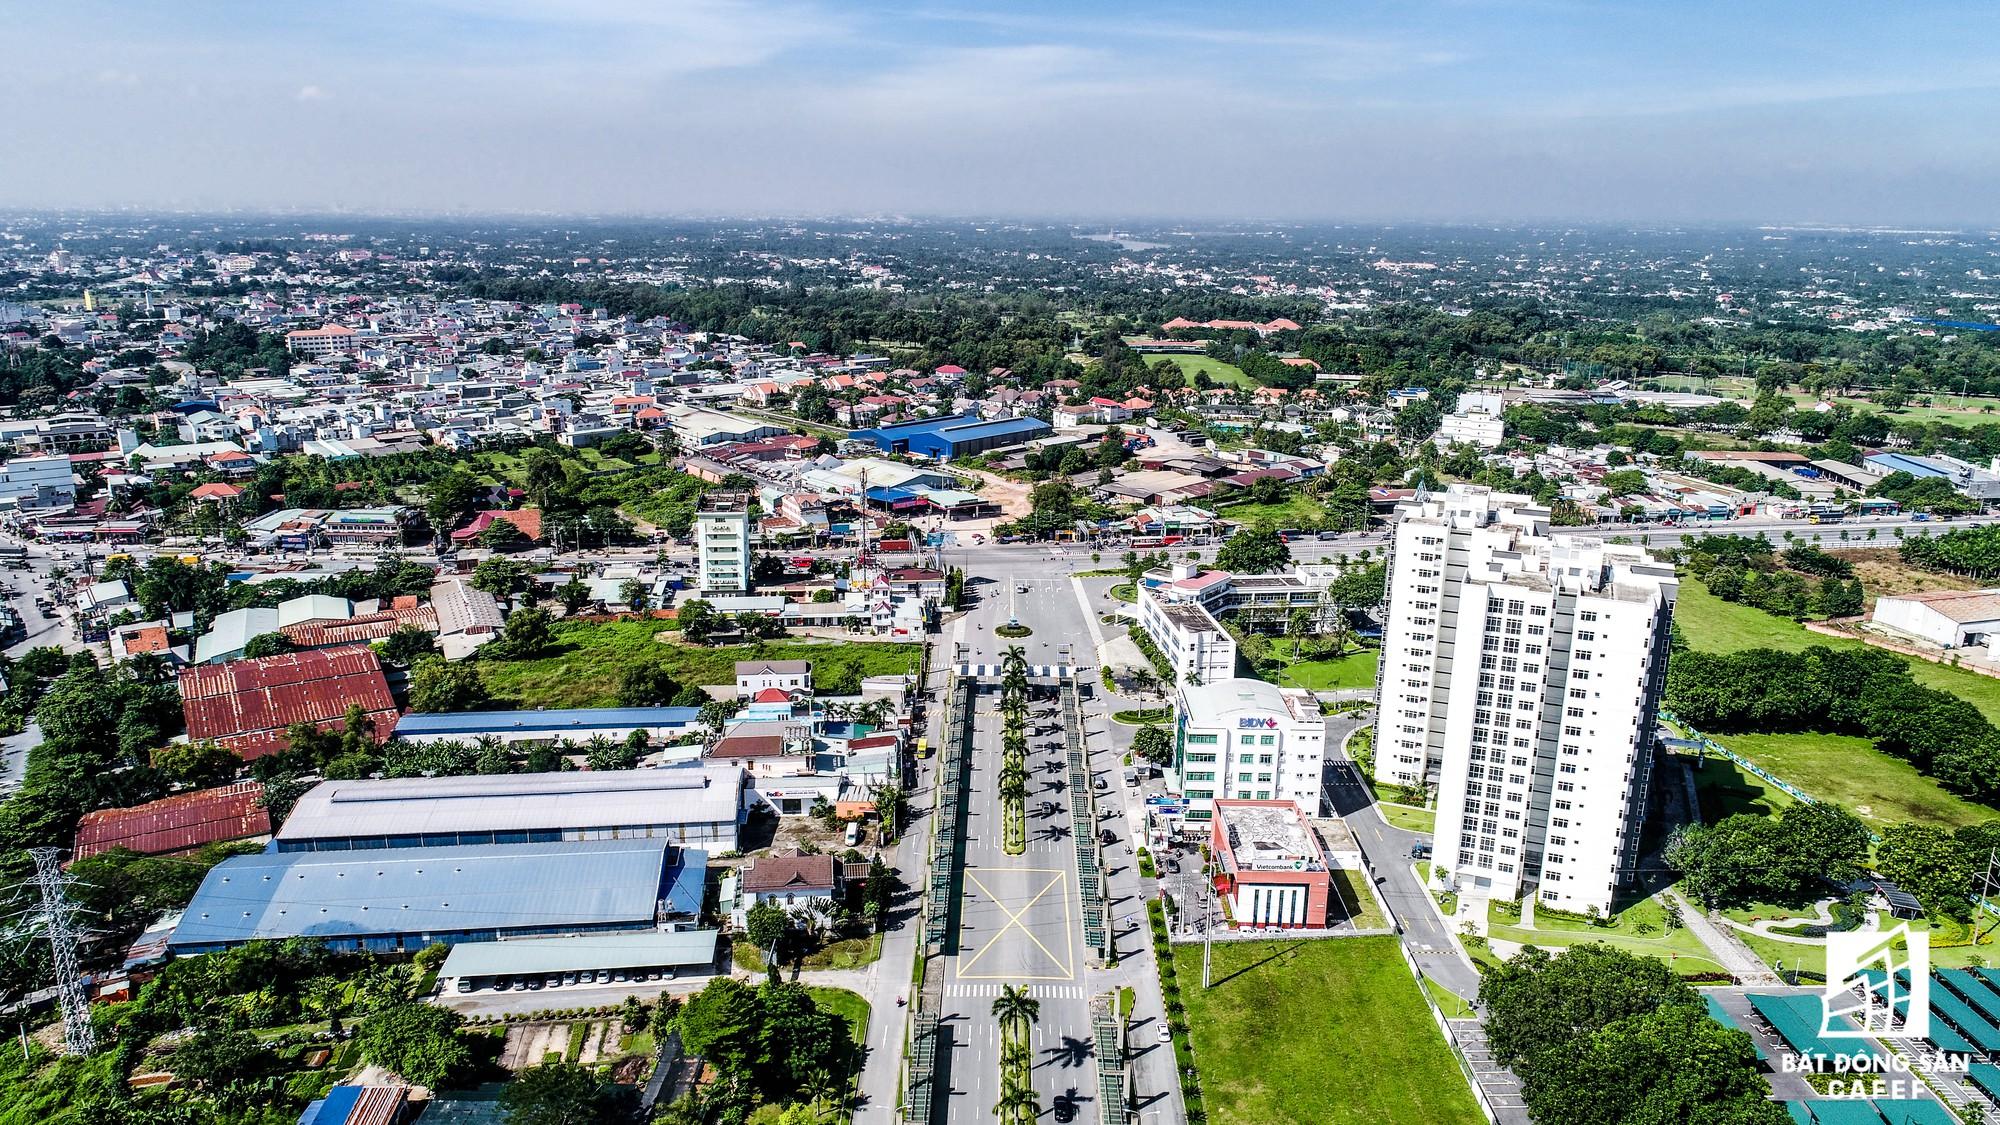 Trên địa bàn tỉnh Bình Dương, công ty này còn đầu tư 1 số KCN có diện tích qui mô đất lớn khác như KCN Mỹ Phước, KCN Bàu Bàng...